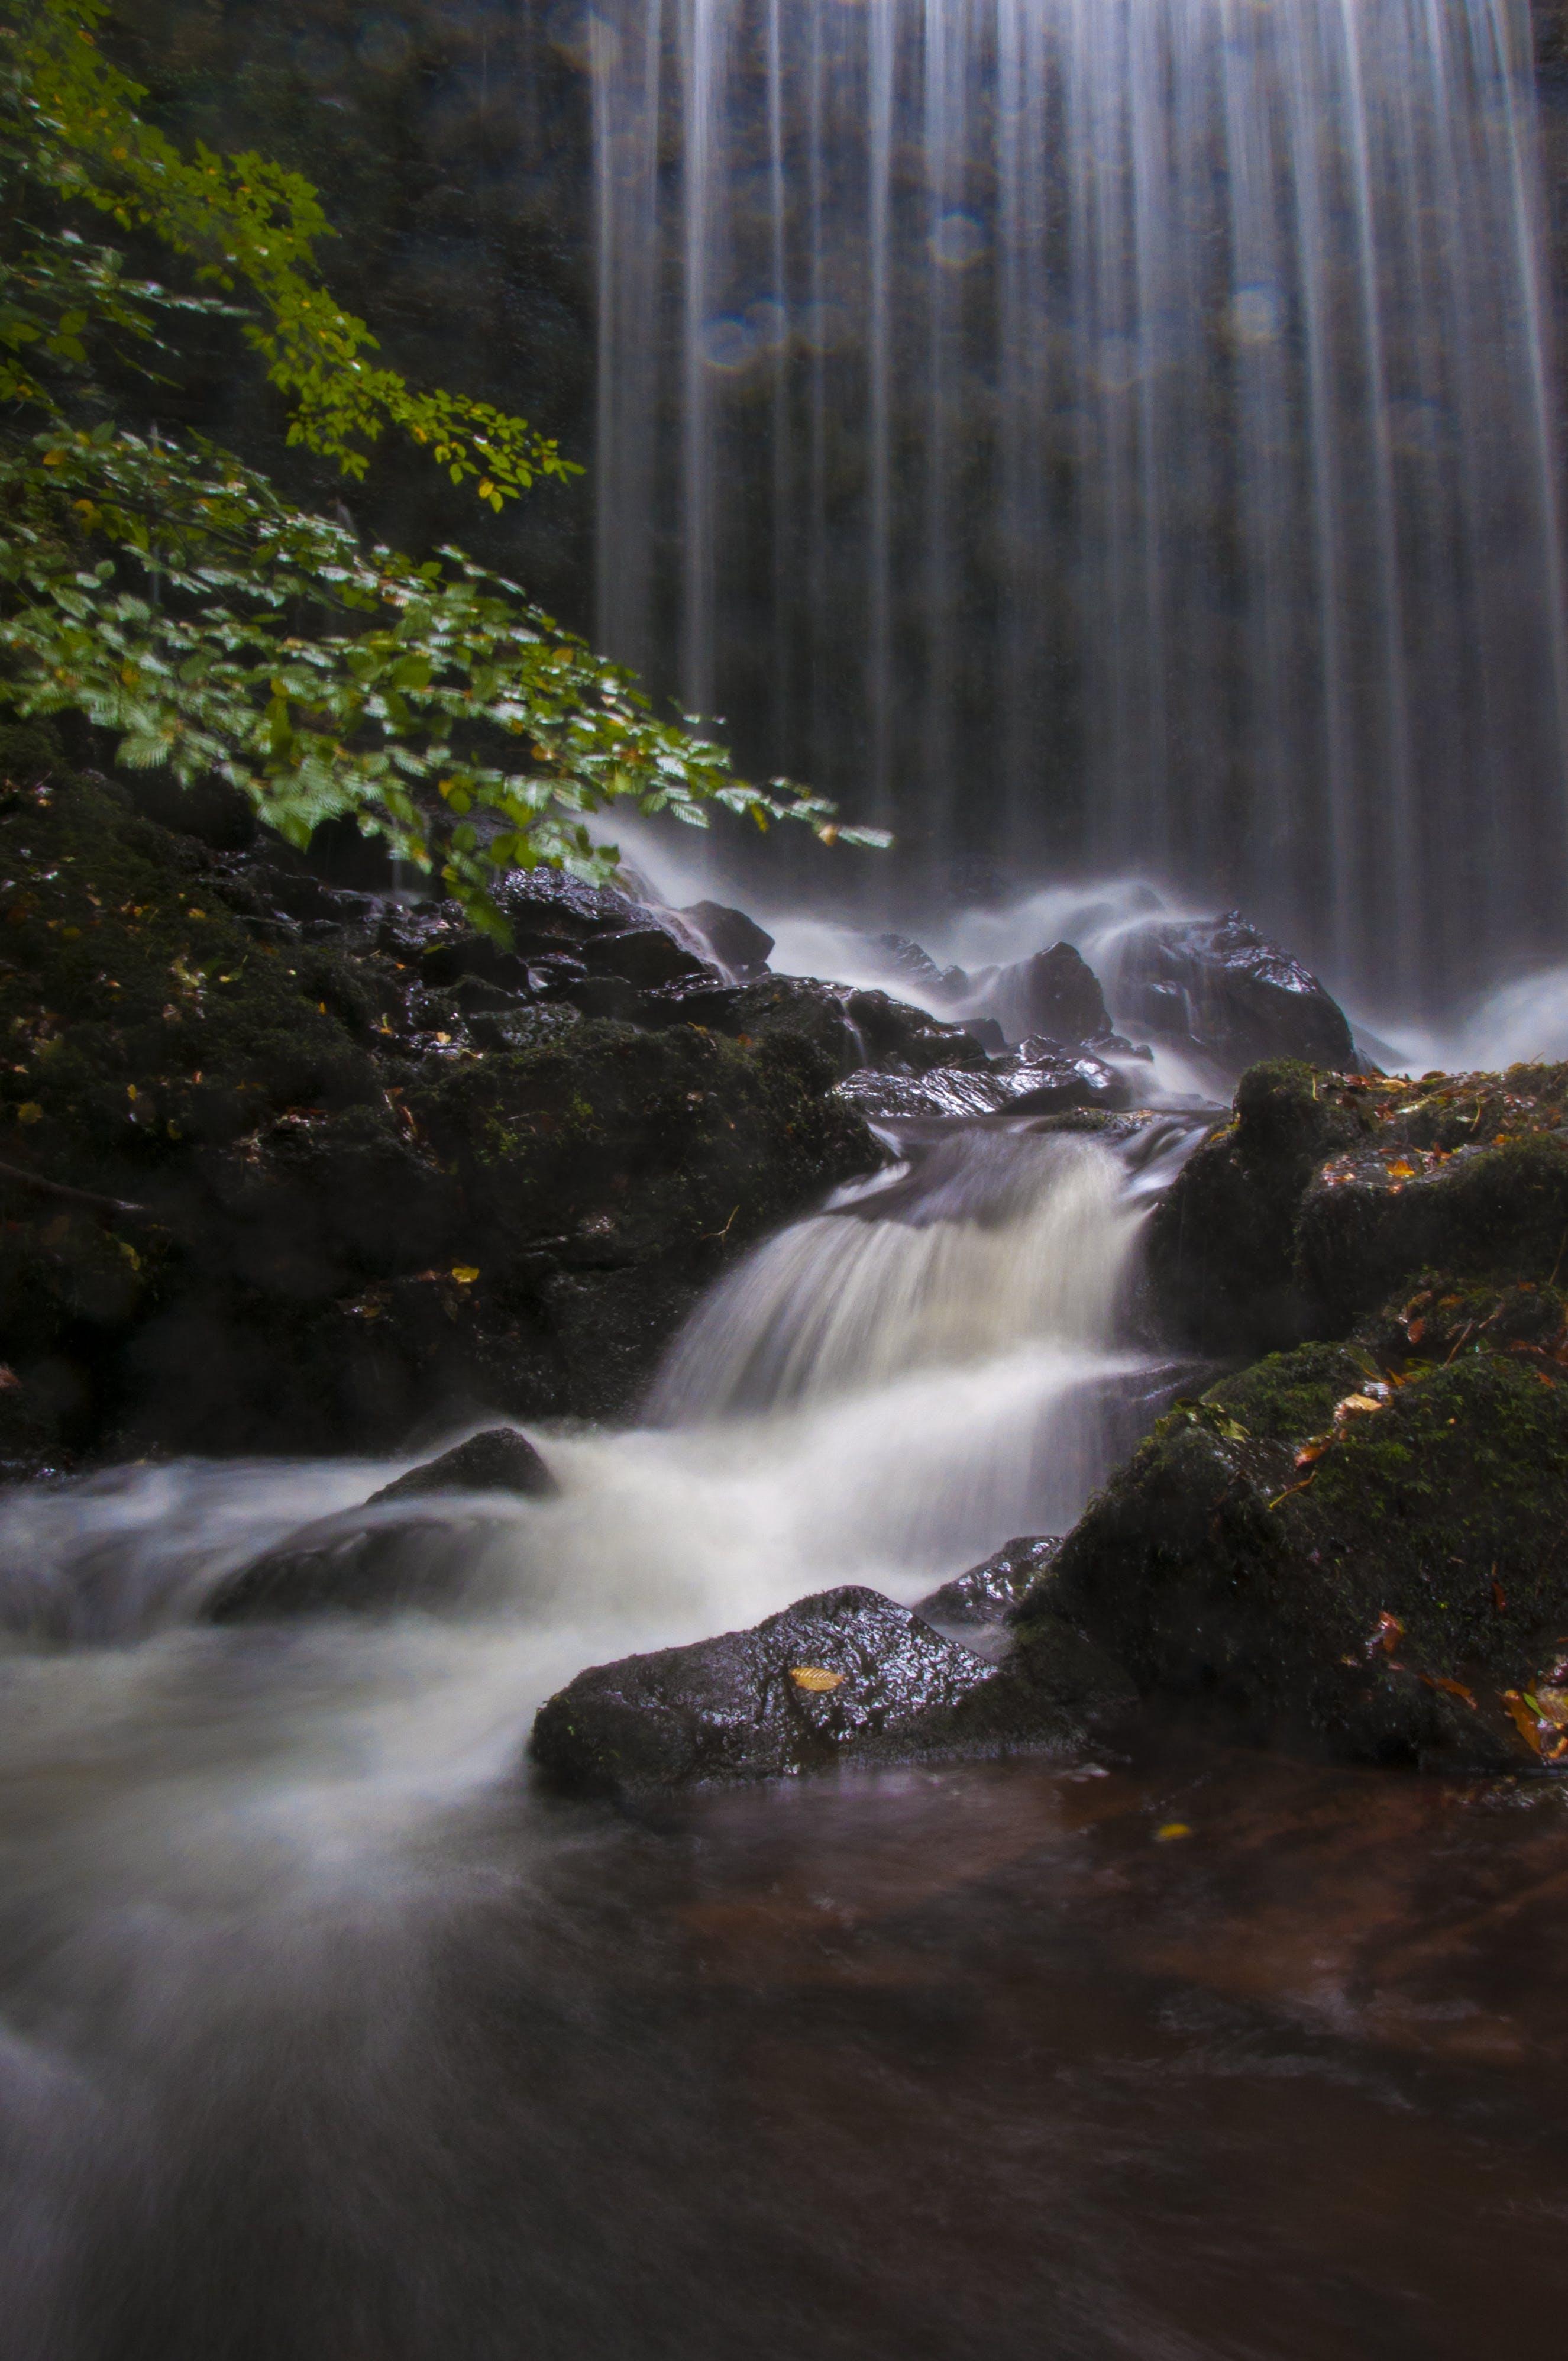 akarsu, akış, çağlayanlar, doğa içeren Ücretsiz stok fotoğraf